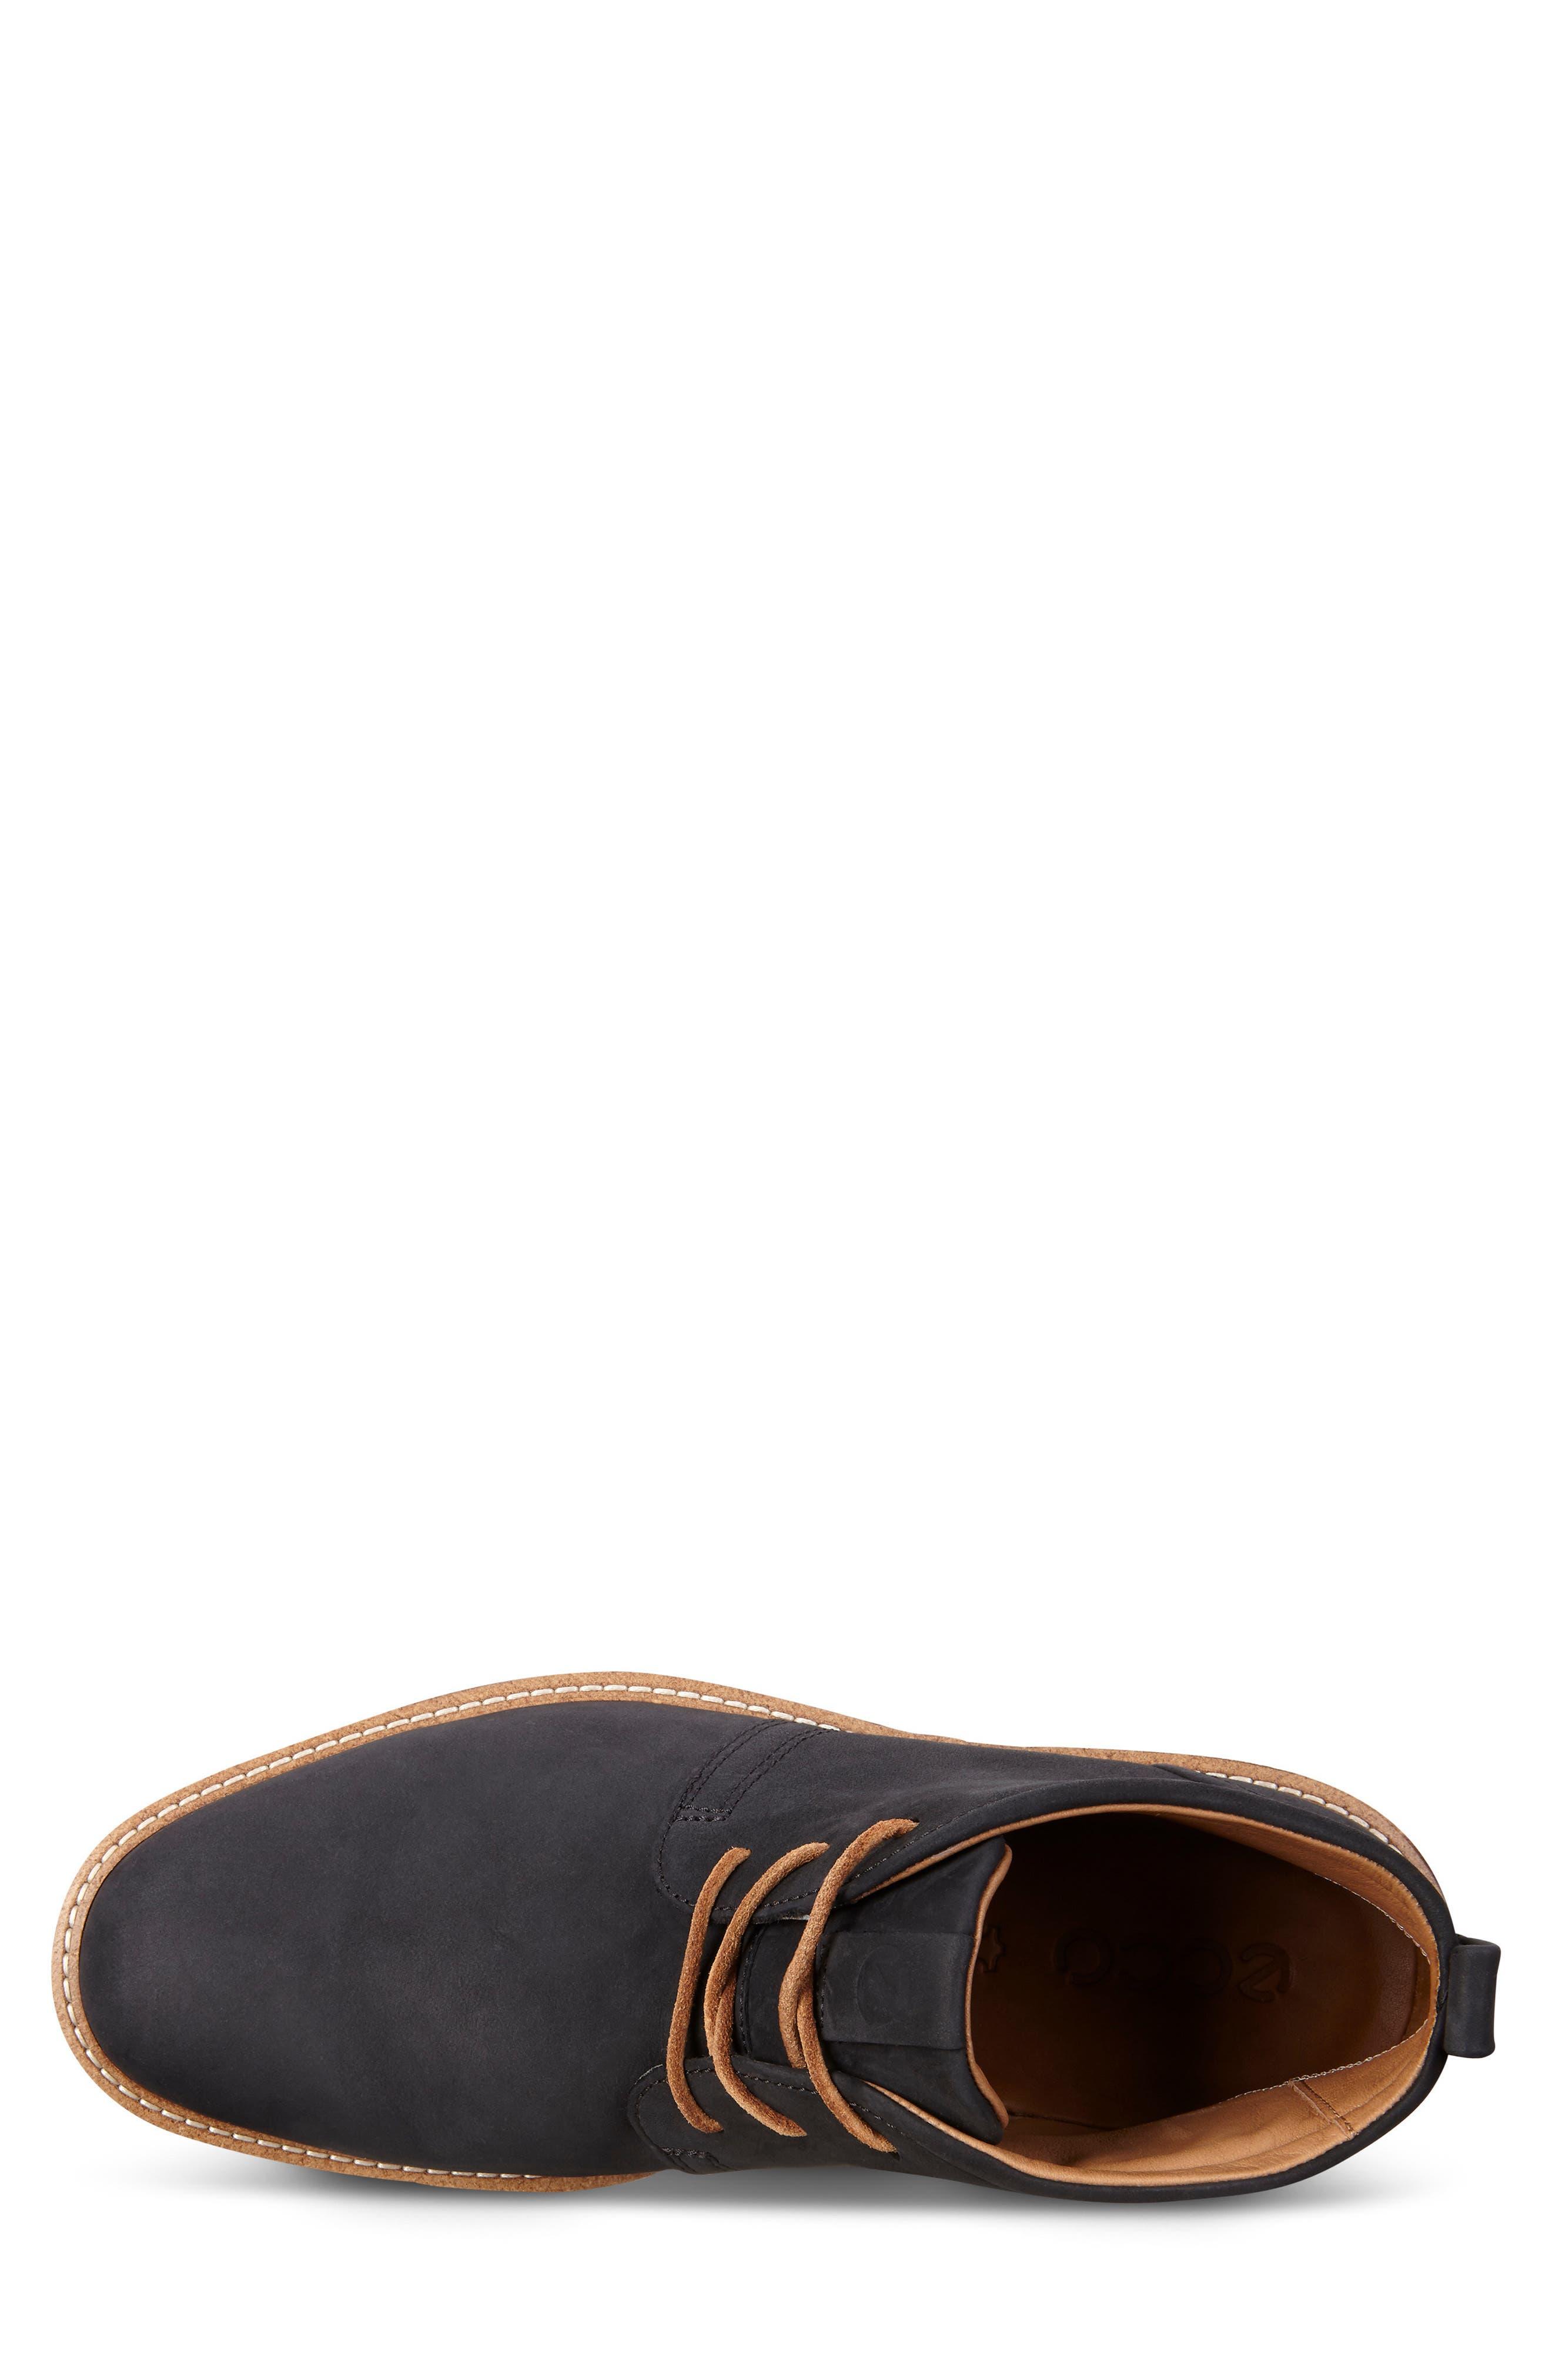 'Jeremy Hybrid' Plain Toe Boot,                             Alternate thumbnail 4, color,                             BLACK LEATHER